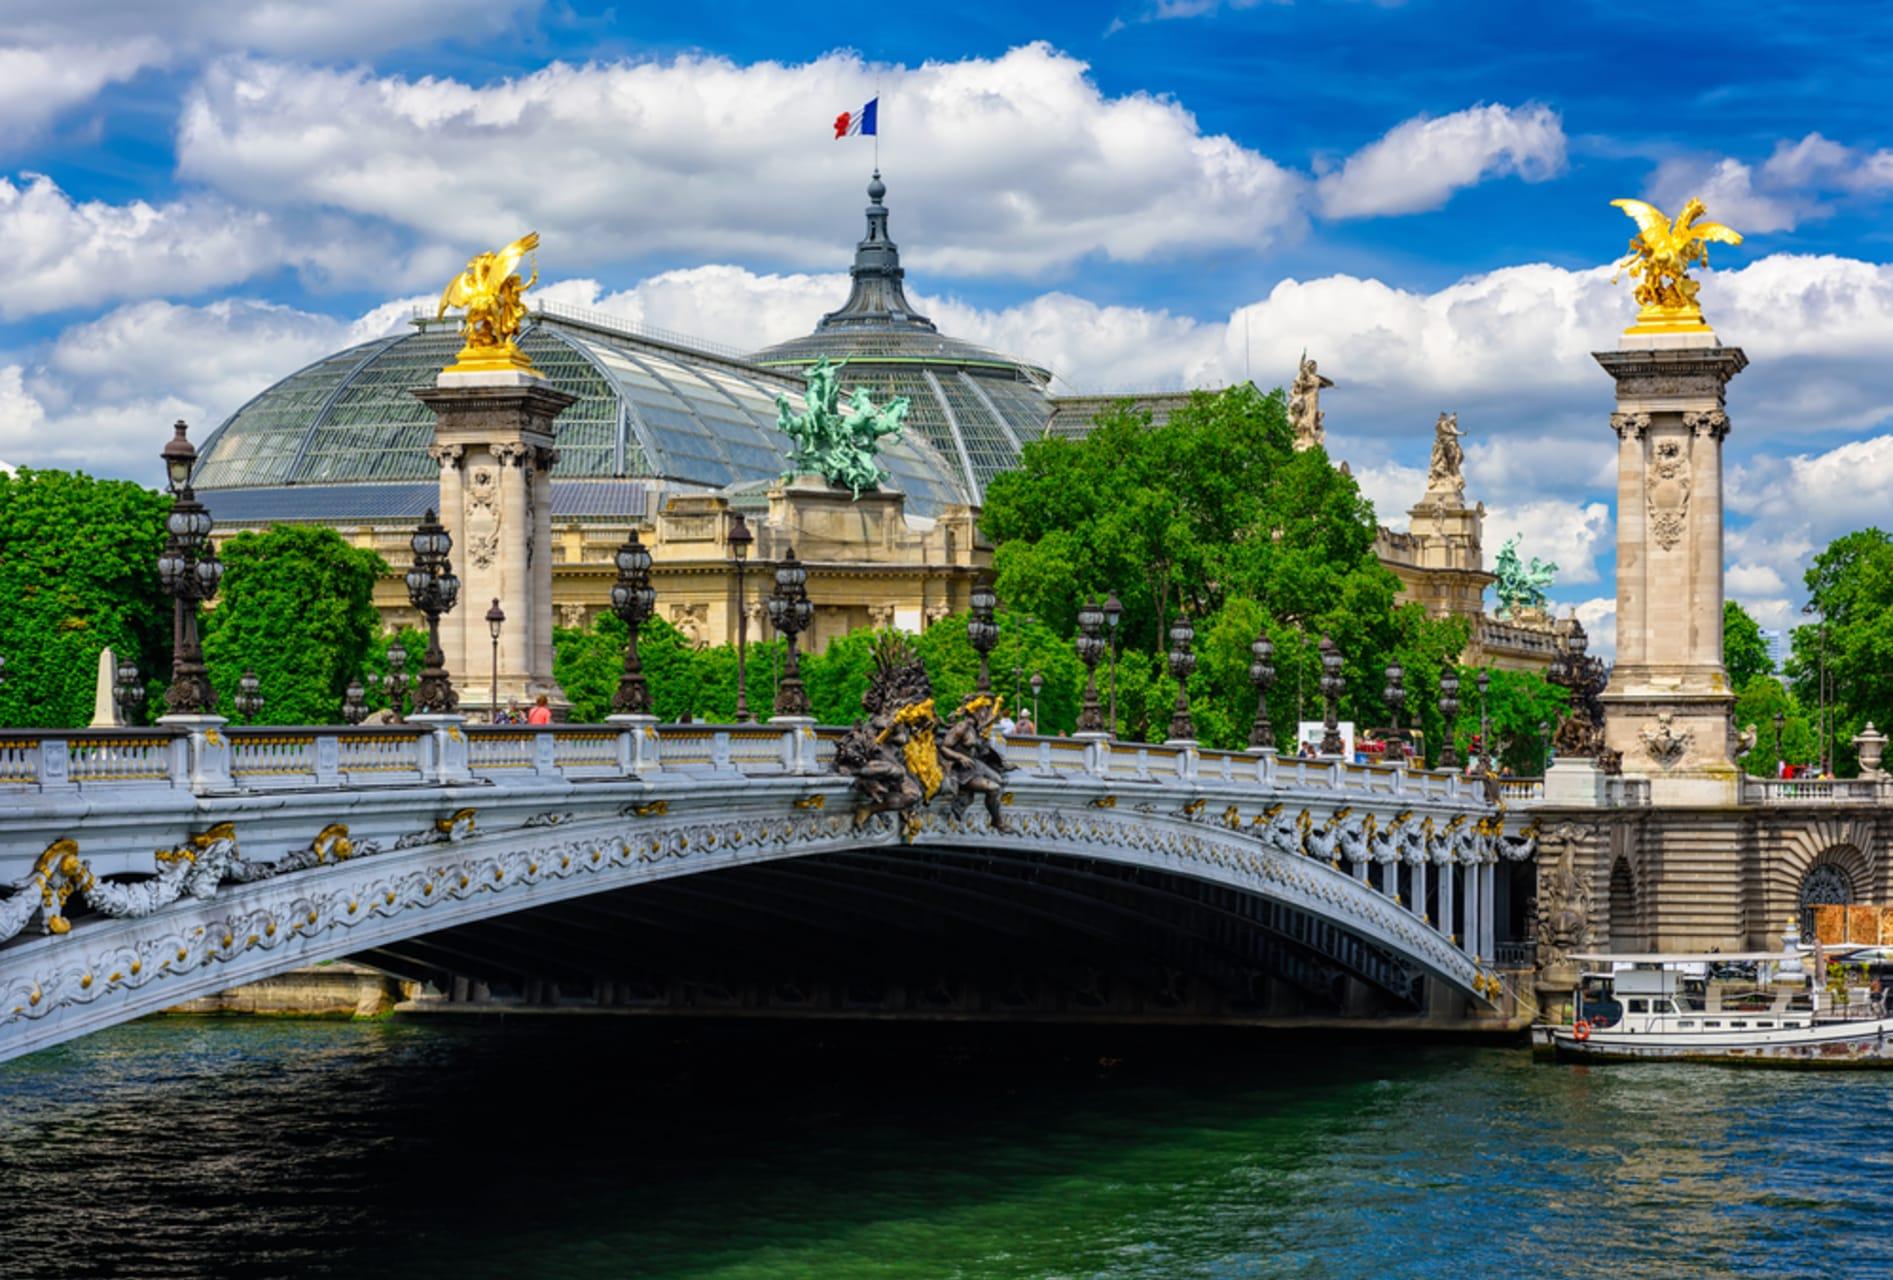 Paris - The Belle Époque of Paris 1900